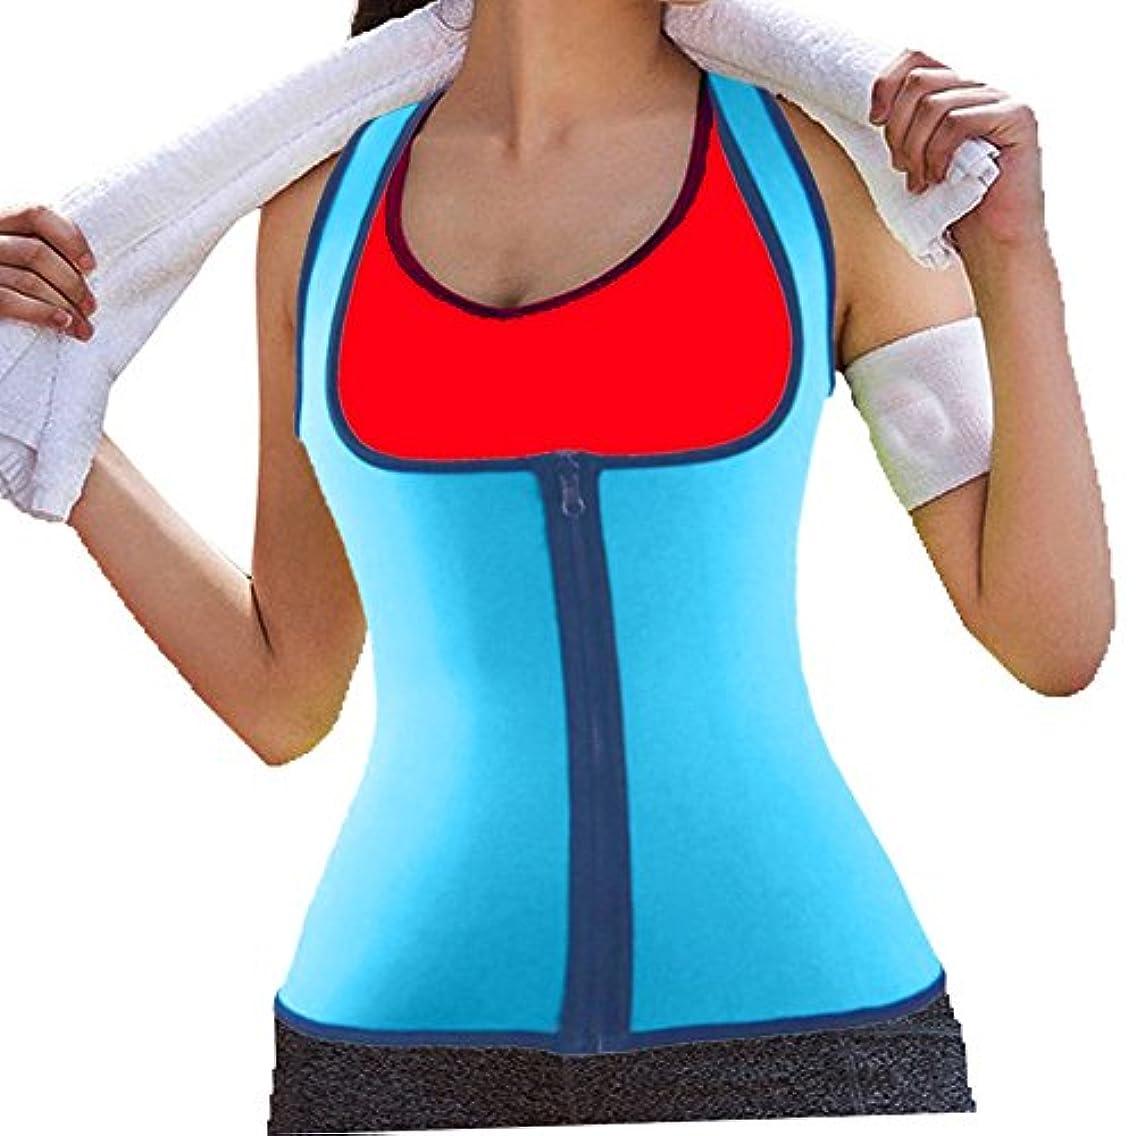 盲目聴くローストDODOINGネオプレンボディシェイパースリミングウエストサイズシャツトレーナー腹部ウエスト補正下着ベストのジッパーの重量損失